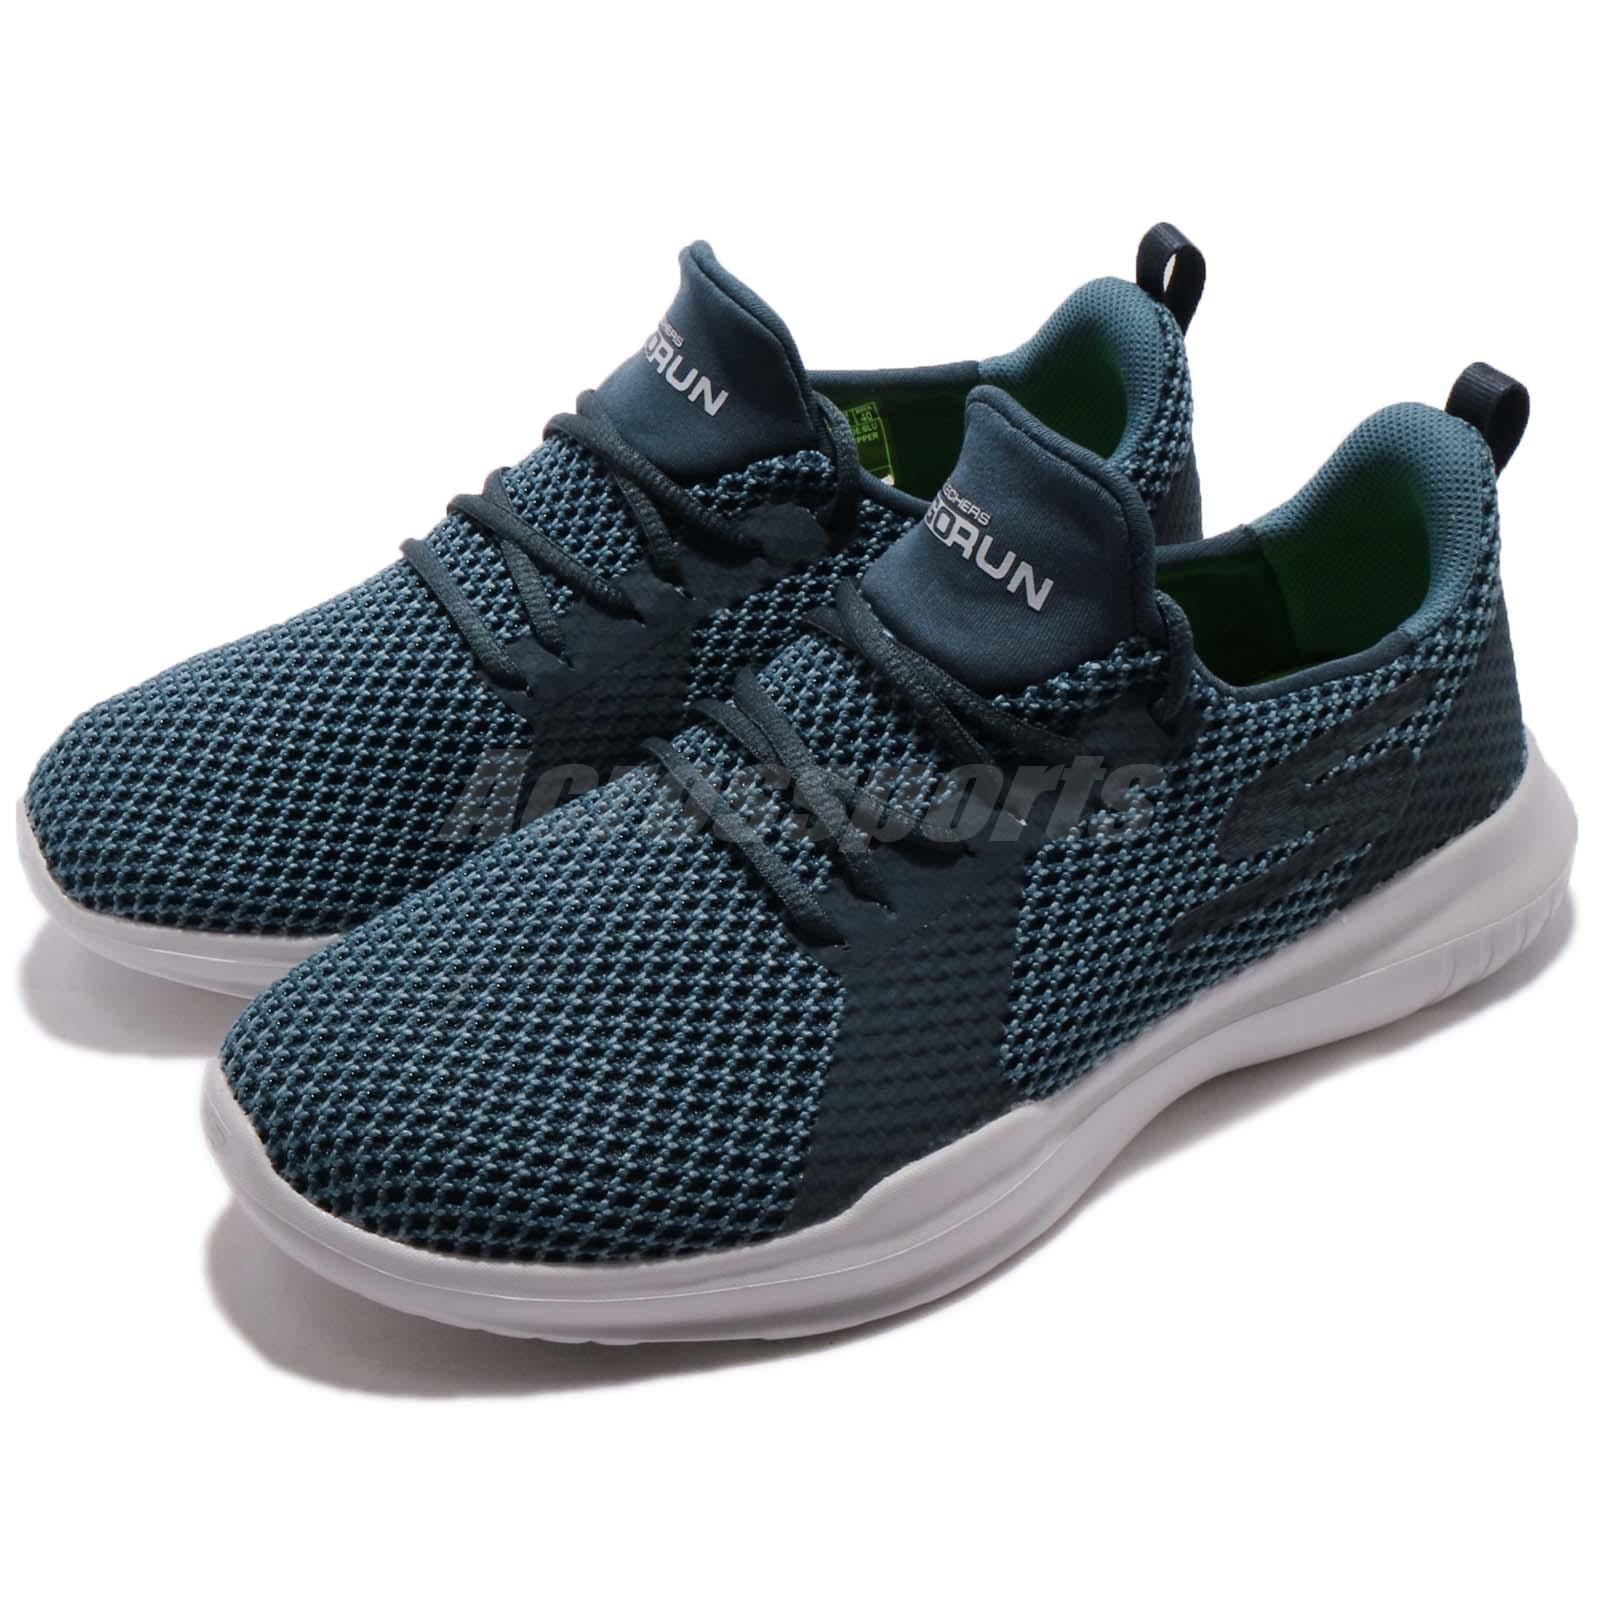 Detalles acerca de Skechers Mojo Pep Azul Go Run Hombres Blancos En Funcionamiento Zapatos Tenis 54359 BLU mostrar título original